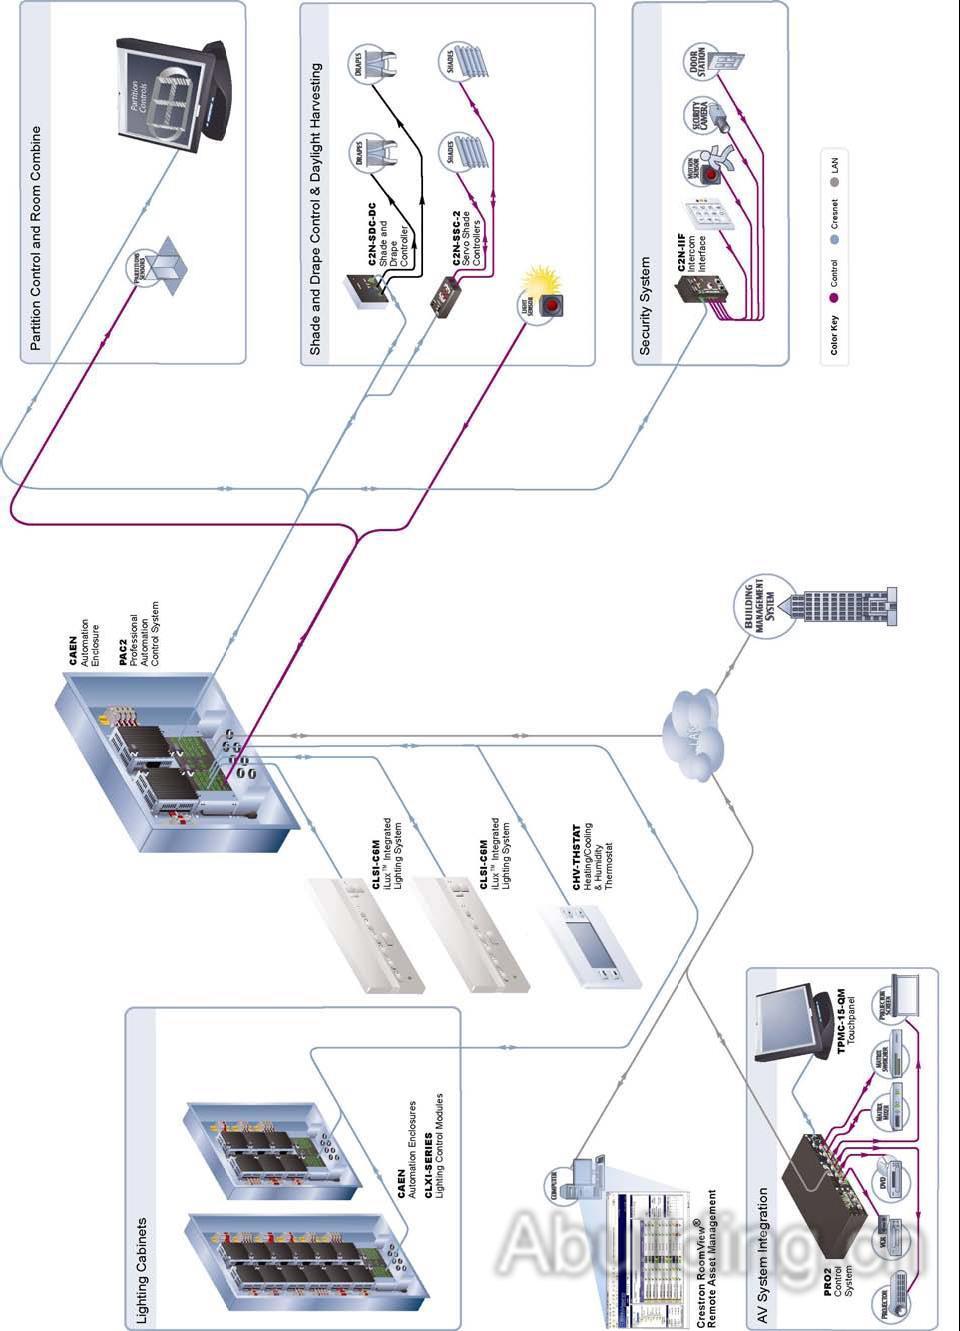 """Crestron灯光控制结构   Crestron智能灯光控制系统的 """"分布式和集中式相结合的结构"""" 是有别于目前国际上所有照明控制系统的最大特点。Crestron智能灯光控制系统,通常可以由小型集成灯光控制器、可安装于专业自动化控制箱中的调光模块、开关模块以及各类安装方式的控制面板、液晶显示触摸屏、智能控制主机、其他类型输入输出接口、系统手持式遥控控制器和基于PC的系统软件(运行在通用的以太网上)等部件组成,将上述各种具备独立功能的控制部件用一根屏蔽四芯数据通讯线手牵手联接起"""